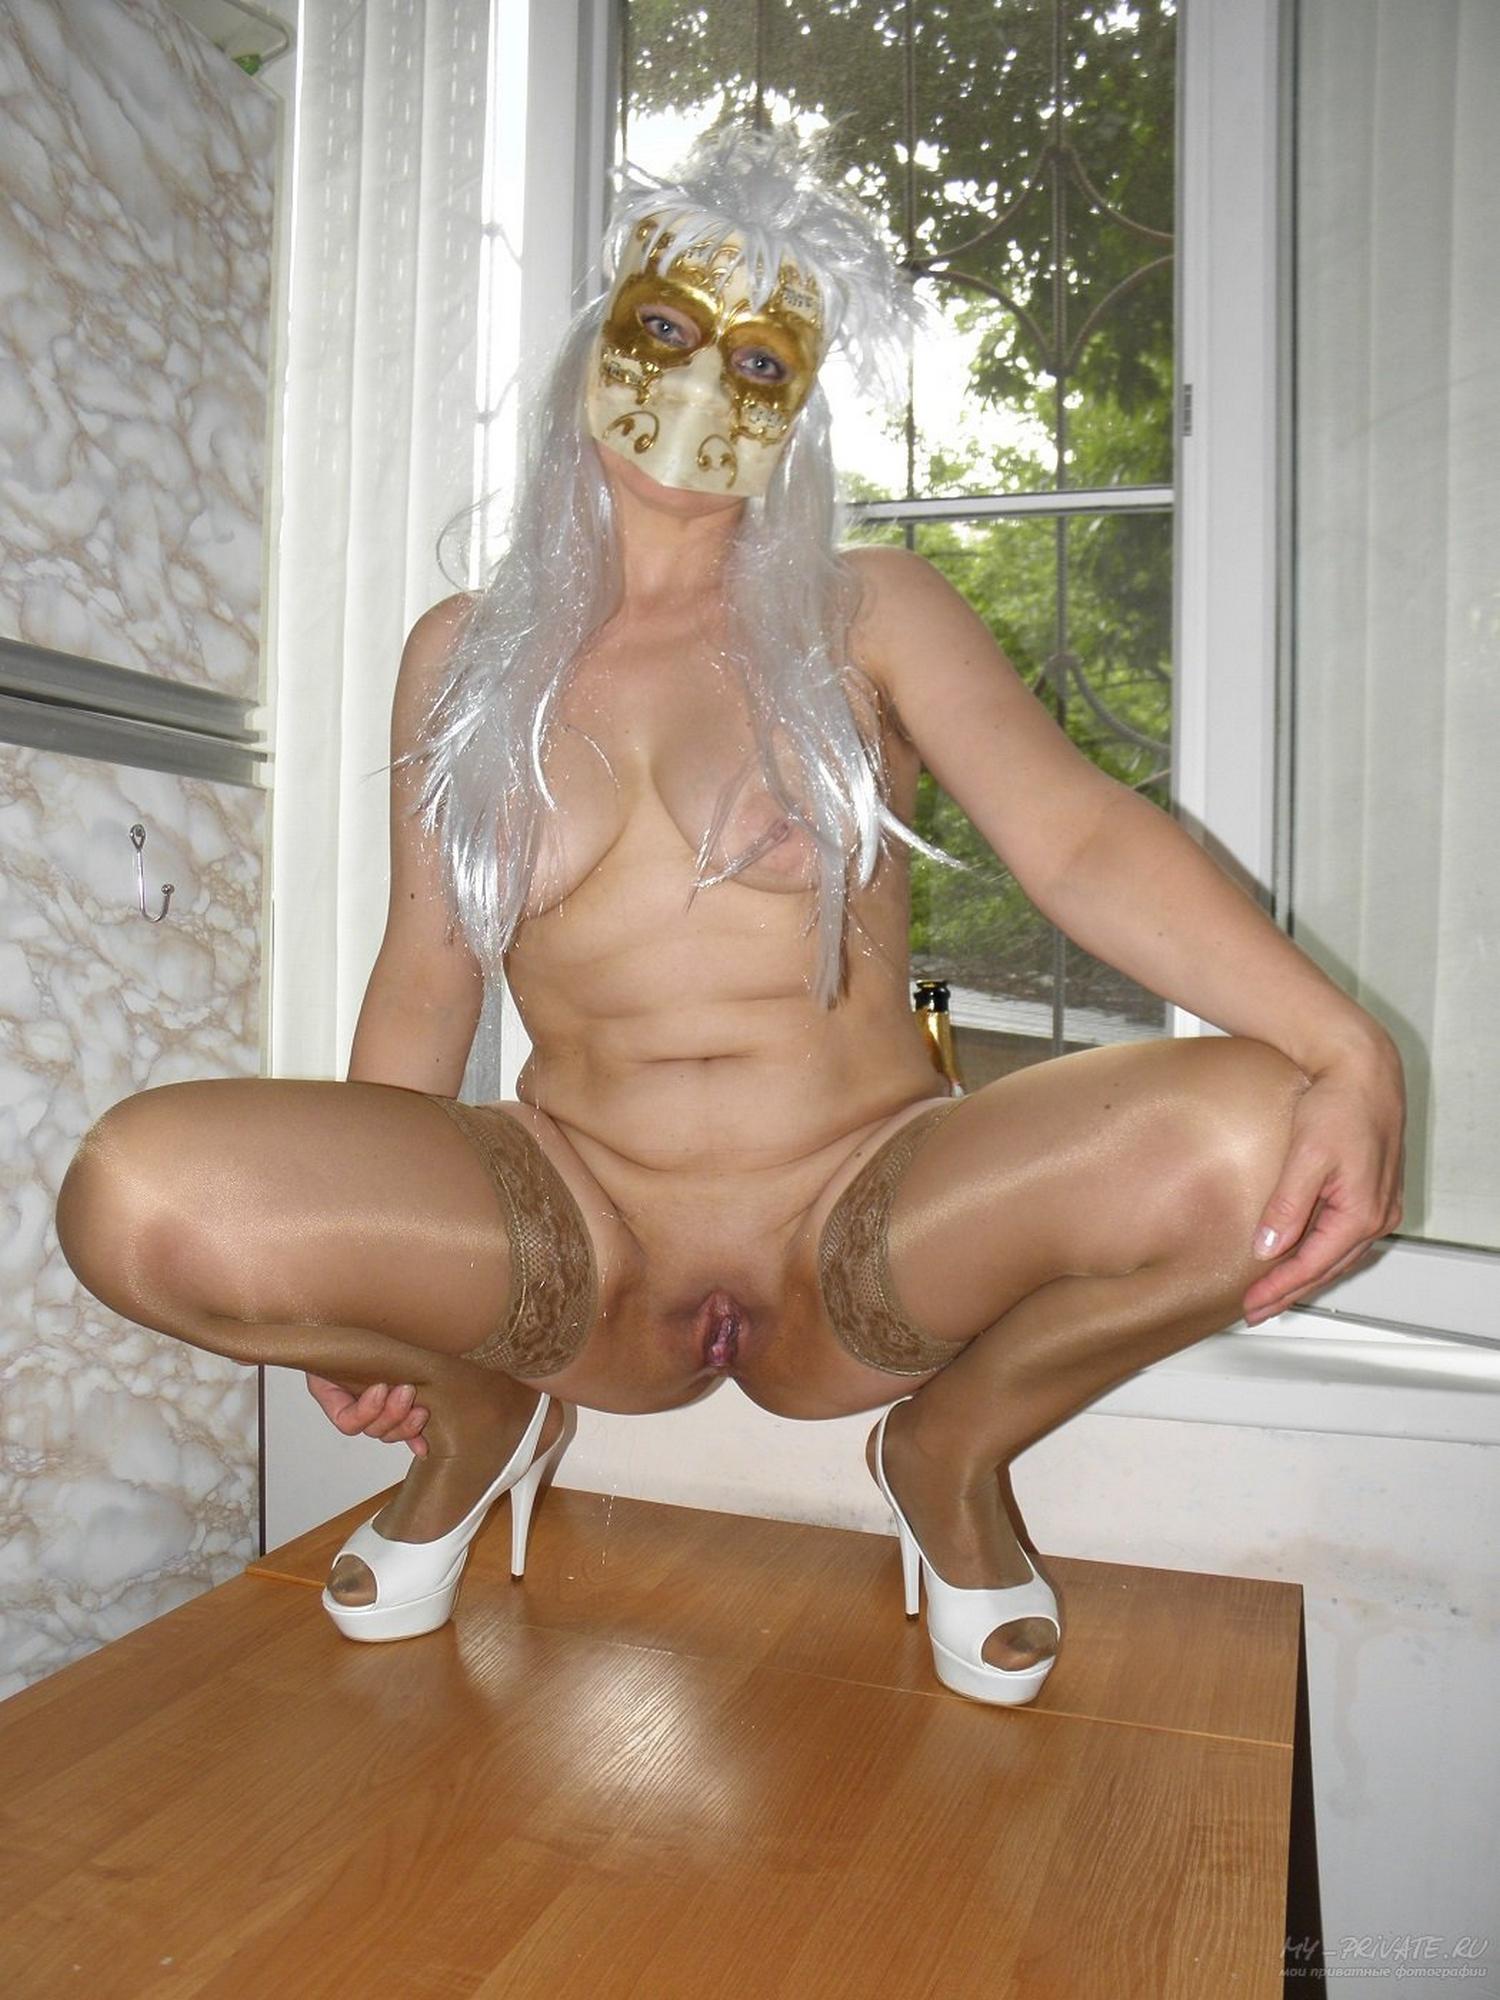 Нимфа в парике и маске показывает писю на столе